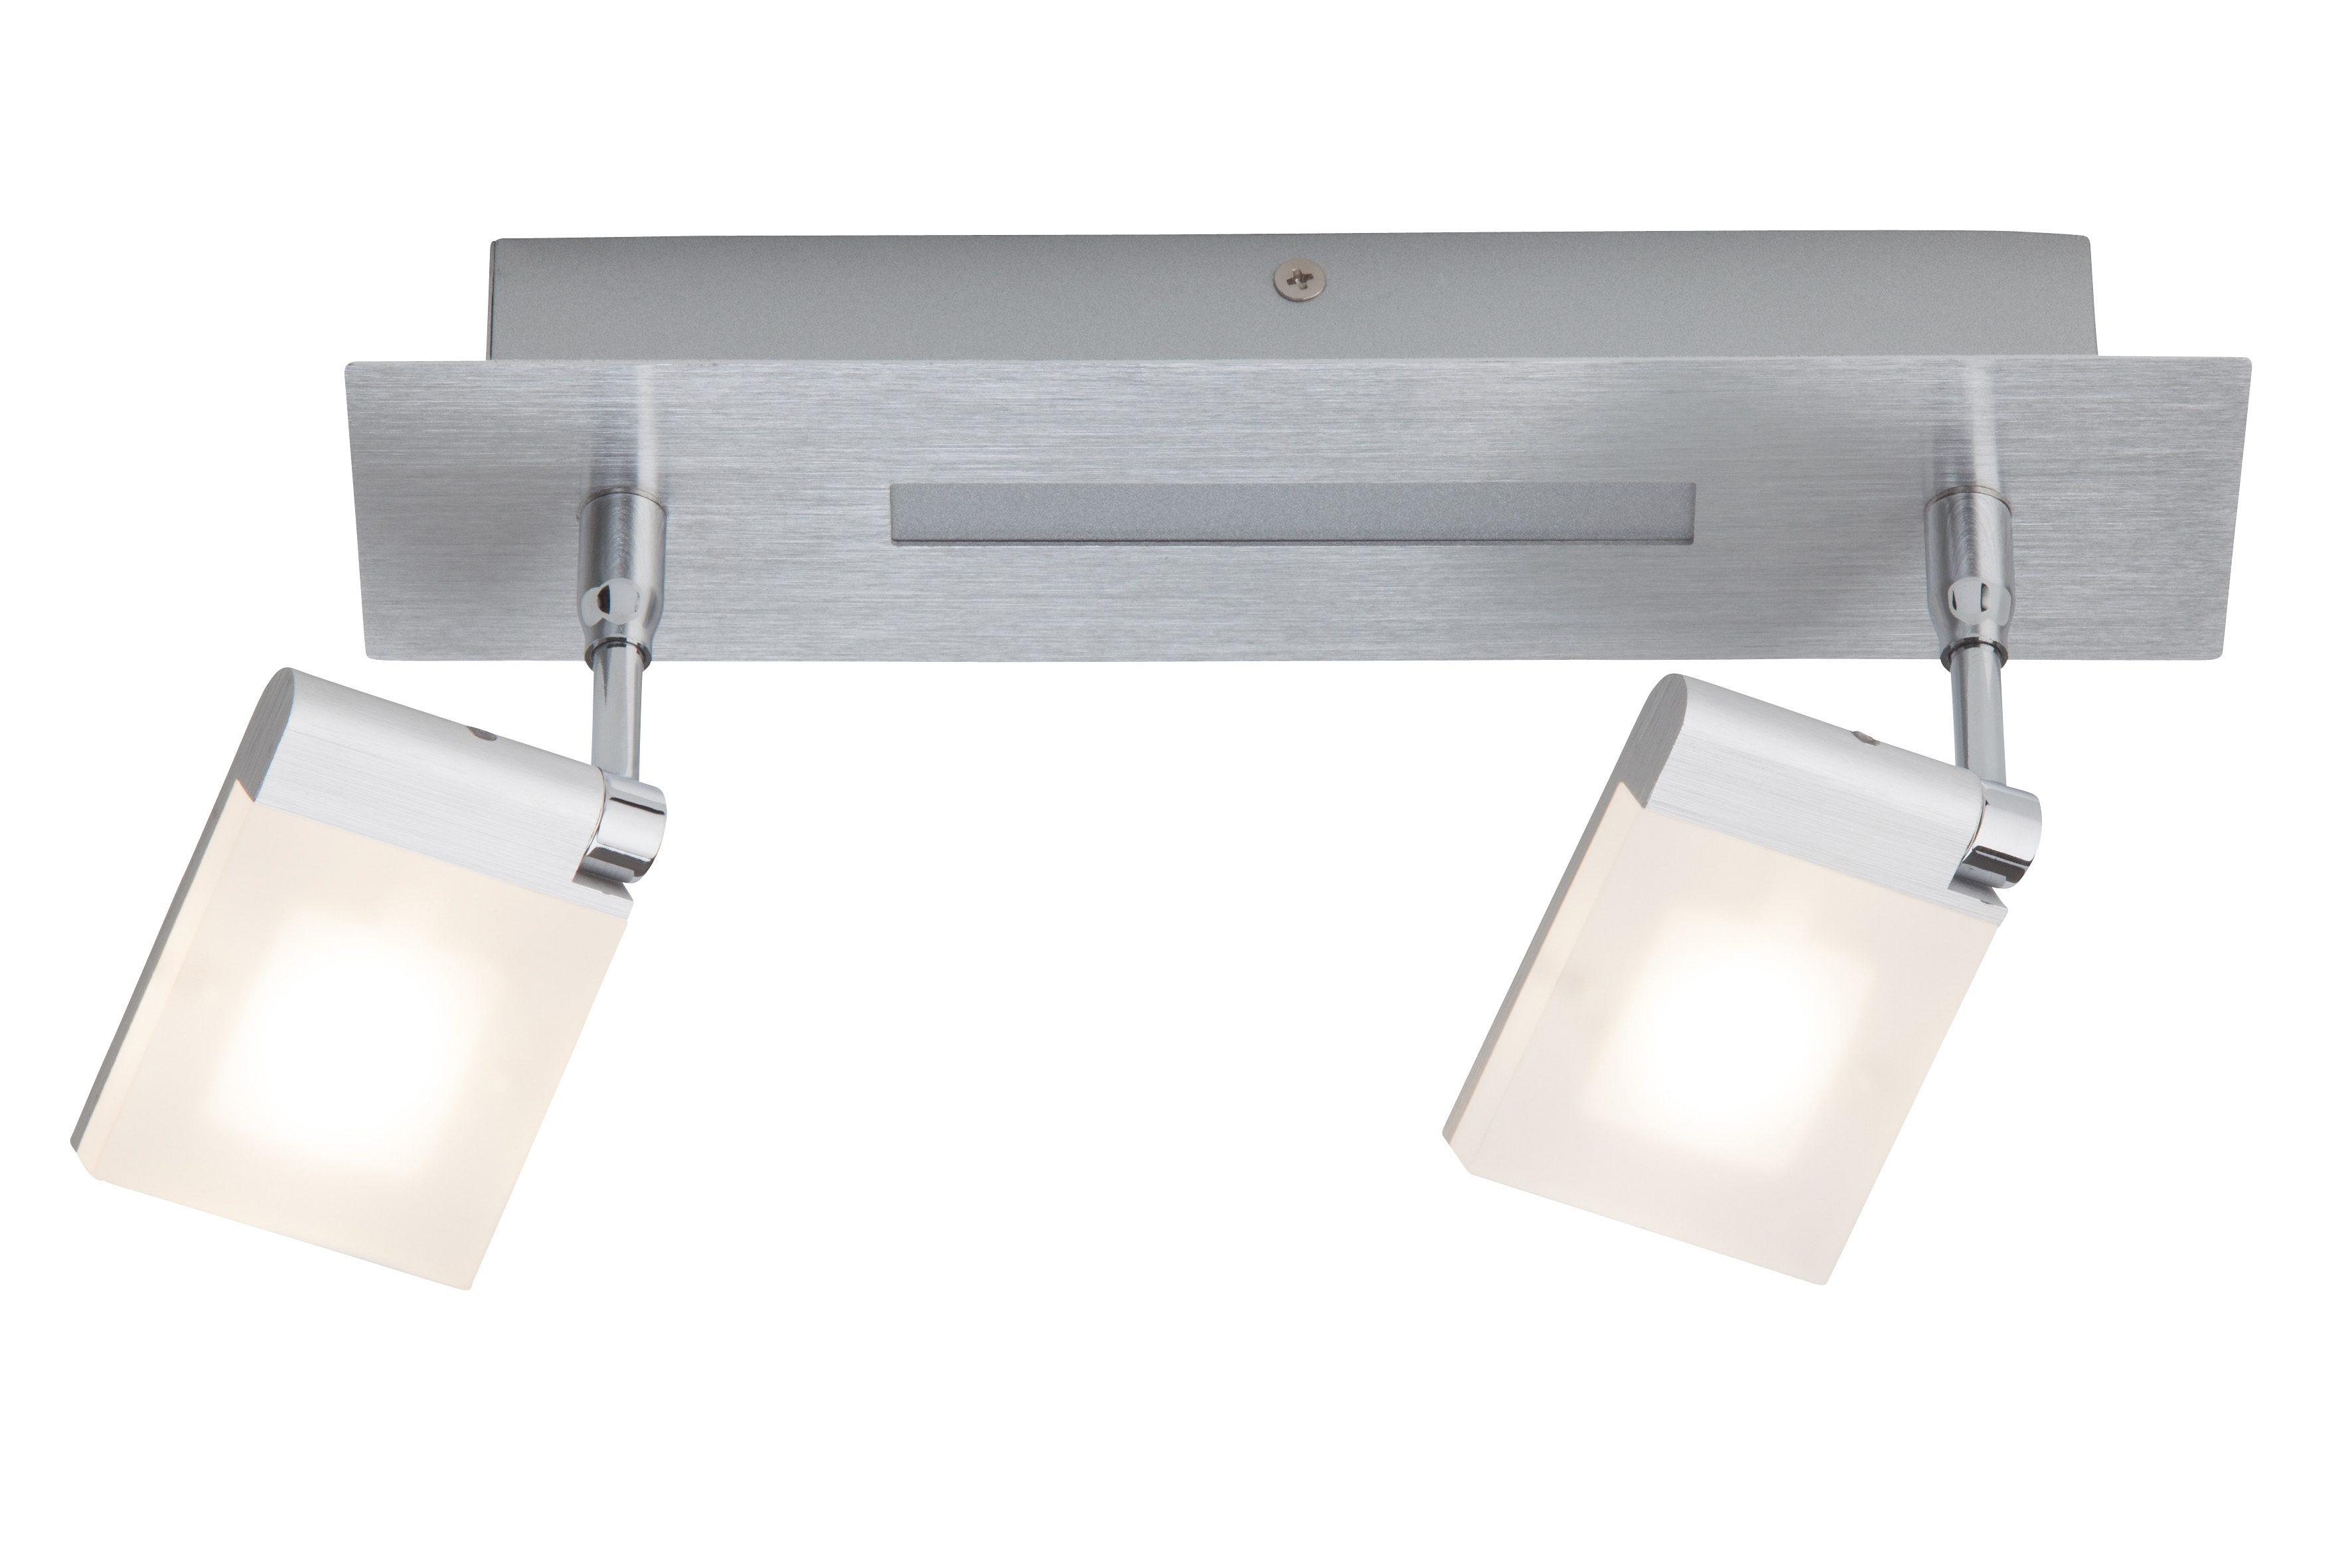 Brilliant Leuchten Deckenleuchte, inkl. LED-Leuchtmittel, 2 flammig